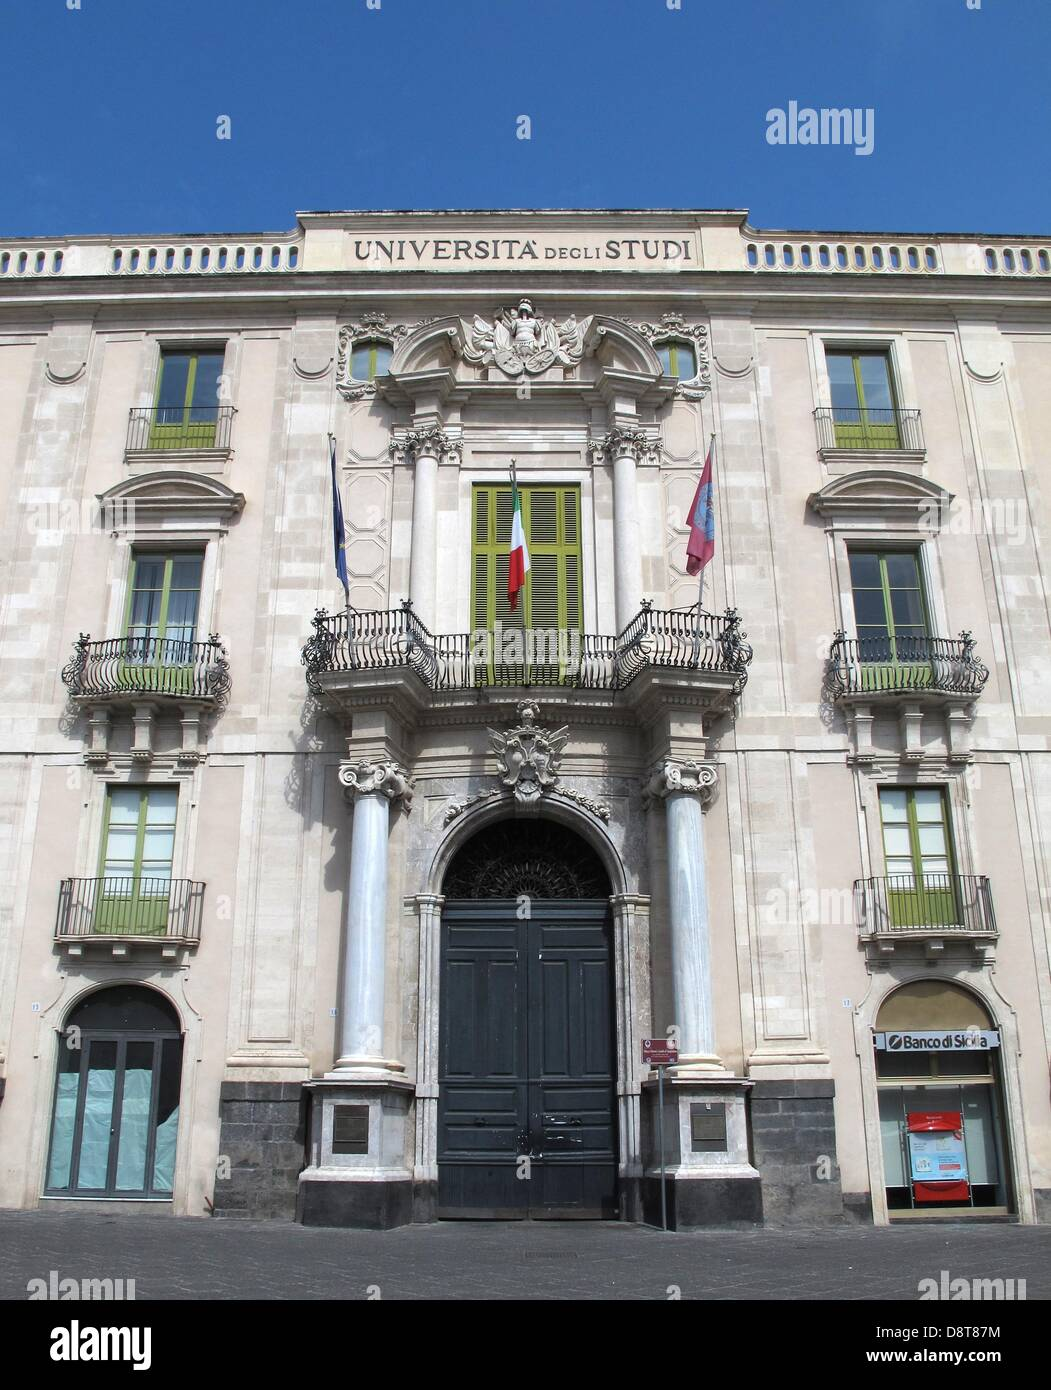 La facciata della Università di Catania sorge il sole a Catania in Sicilia, Italia, 27 aprile 2013. Università Immagini Stock